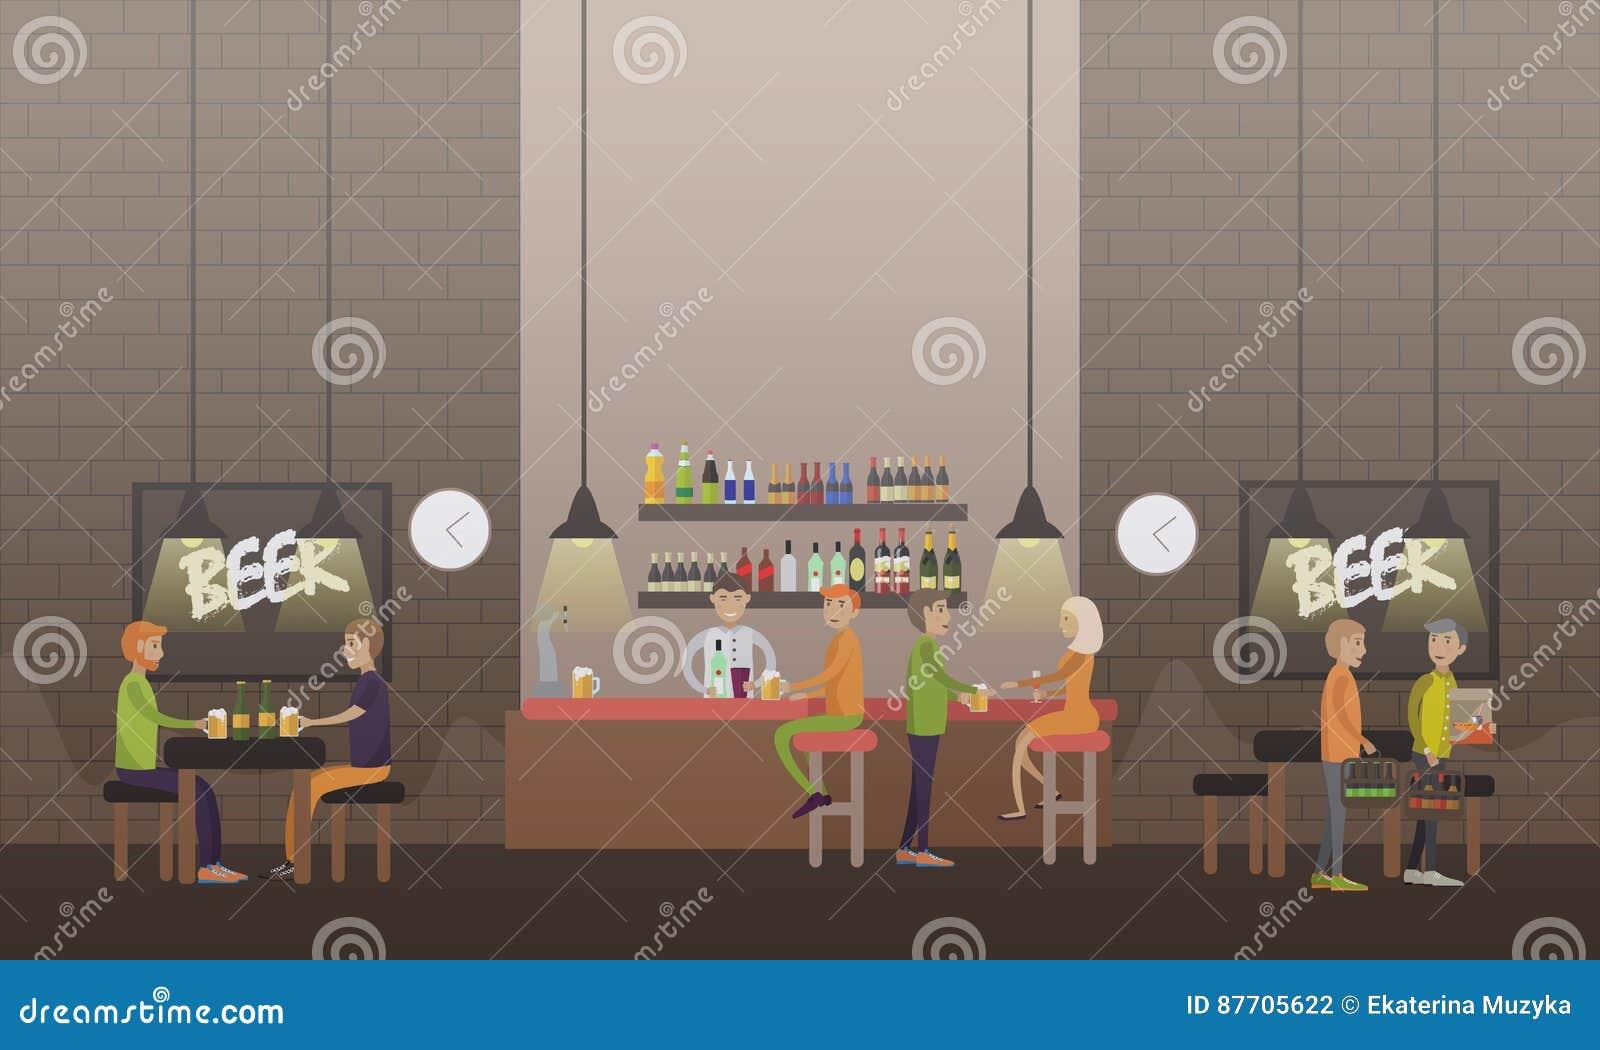 Illustration de vecteur de concept de brasserie dans le style plat